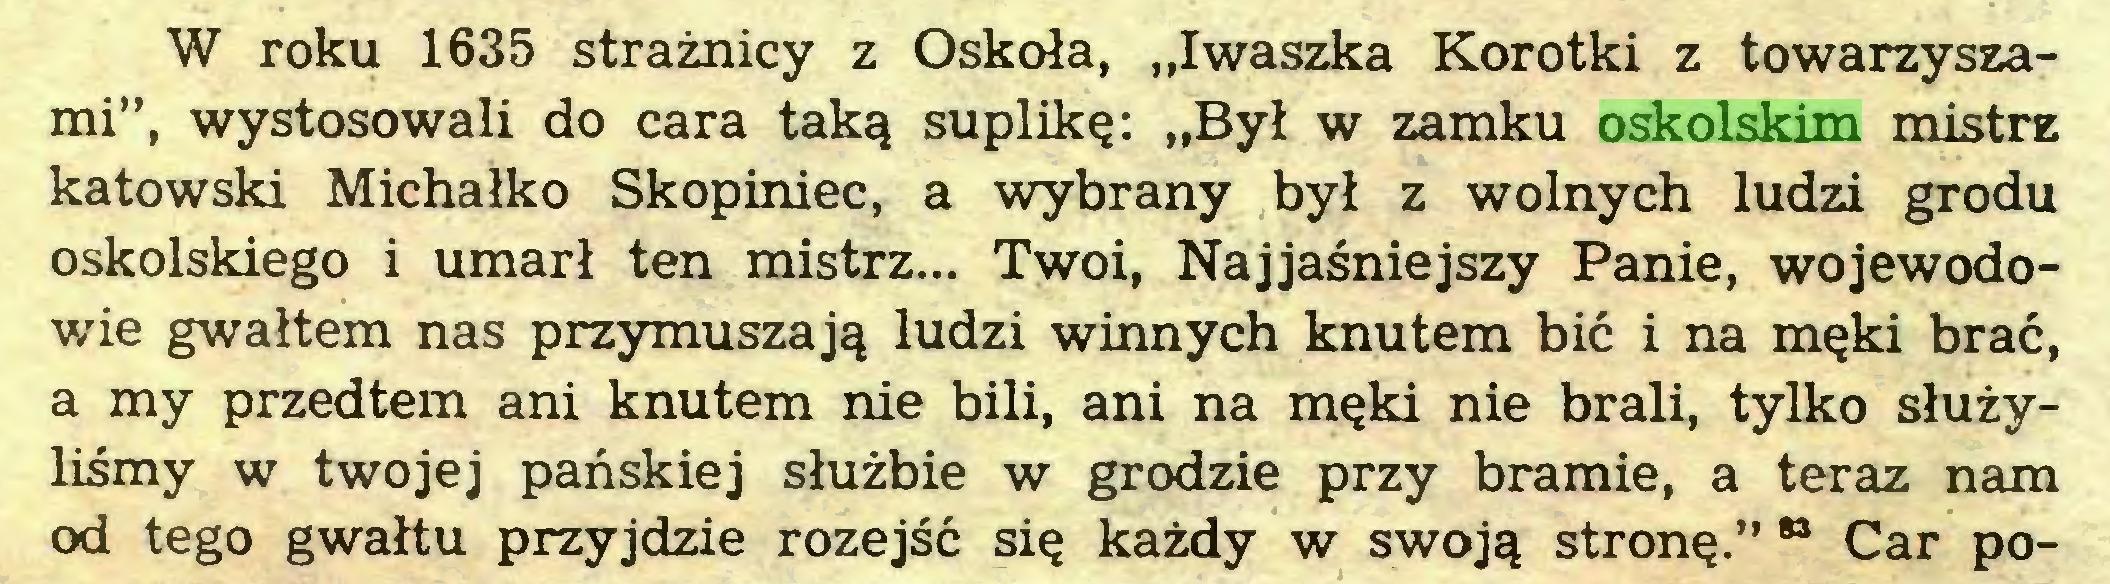 """(...) W roku 1635 strażnicy z Oskoła, """"Iwaszka Korotki z towarzyszami"""", wystosowali do cara taką suplikę: """"Był w zamku oskolskim mistrz katowski Michałko Skopiniec, a wybrany był z wolnych ludzi grodu oskolskiego i umarł ten mistrz... Twoi, Najjaśniejszy Panie, wojewodowie gwałtem nas przymuszają ludzi winnych knutem bić i na męki brać, a my przedtem ani knutem nie bili, ani na męki nie brali, tylko służyliśmy w twojej pańskiej służbie w grodzie przy bramie, a teraz nam od tego gwałtu przyjdzie rozejść się każdy w swoją stronę."""" 83 Car po..."""